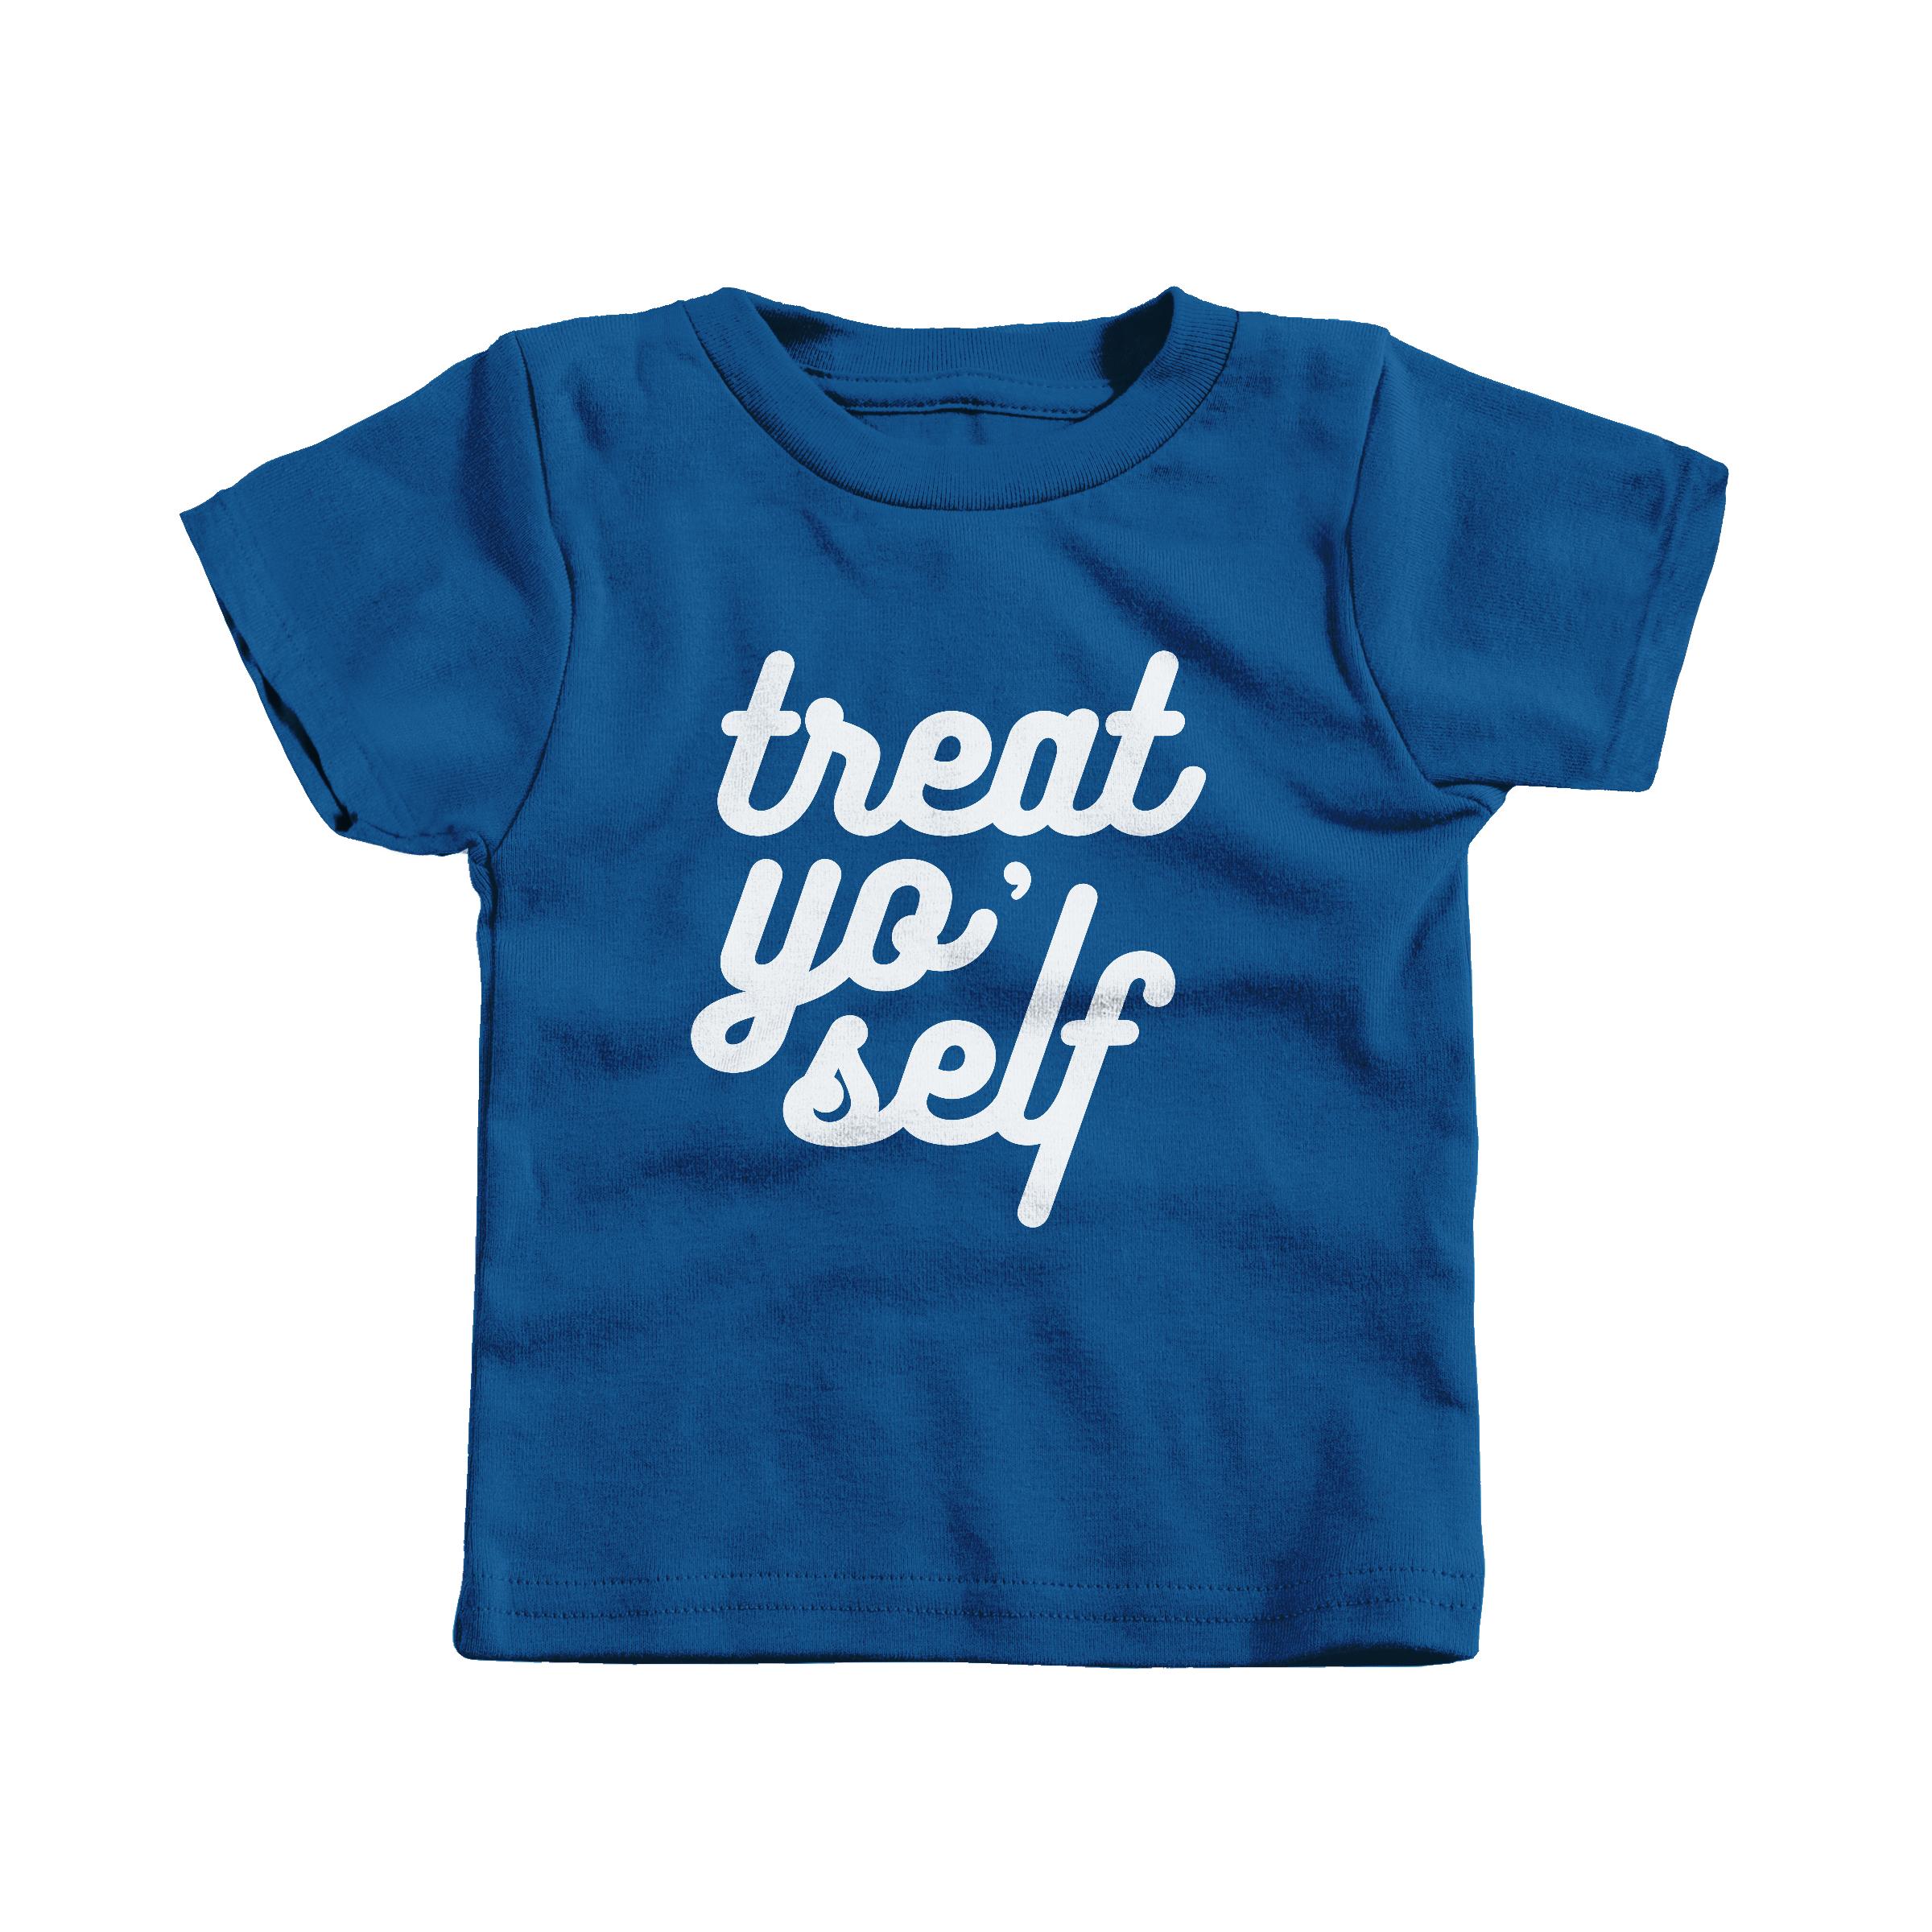 Treat Yo' Self Royal (T-Shirt)